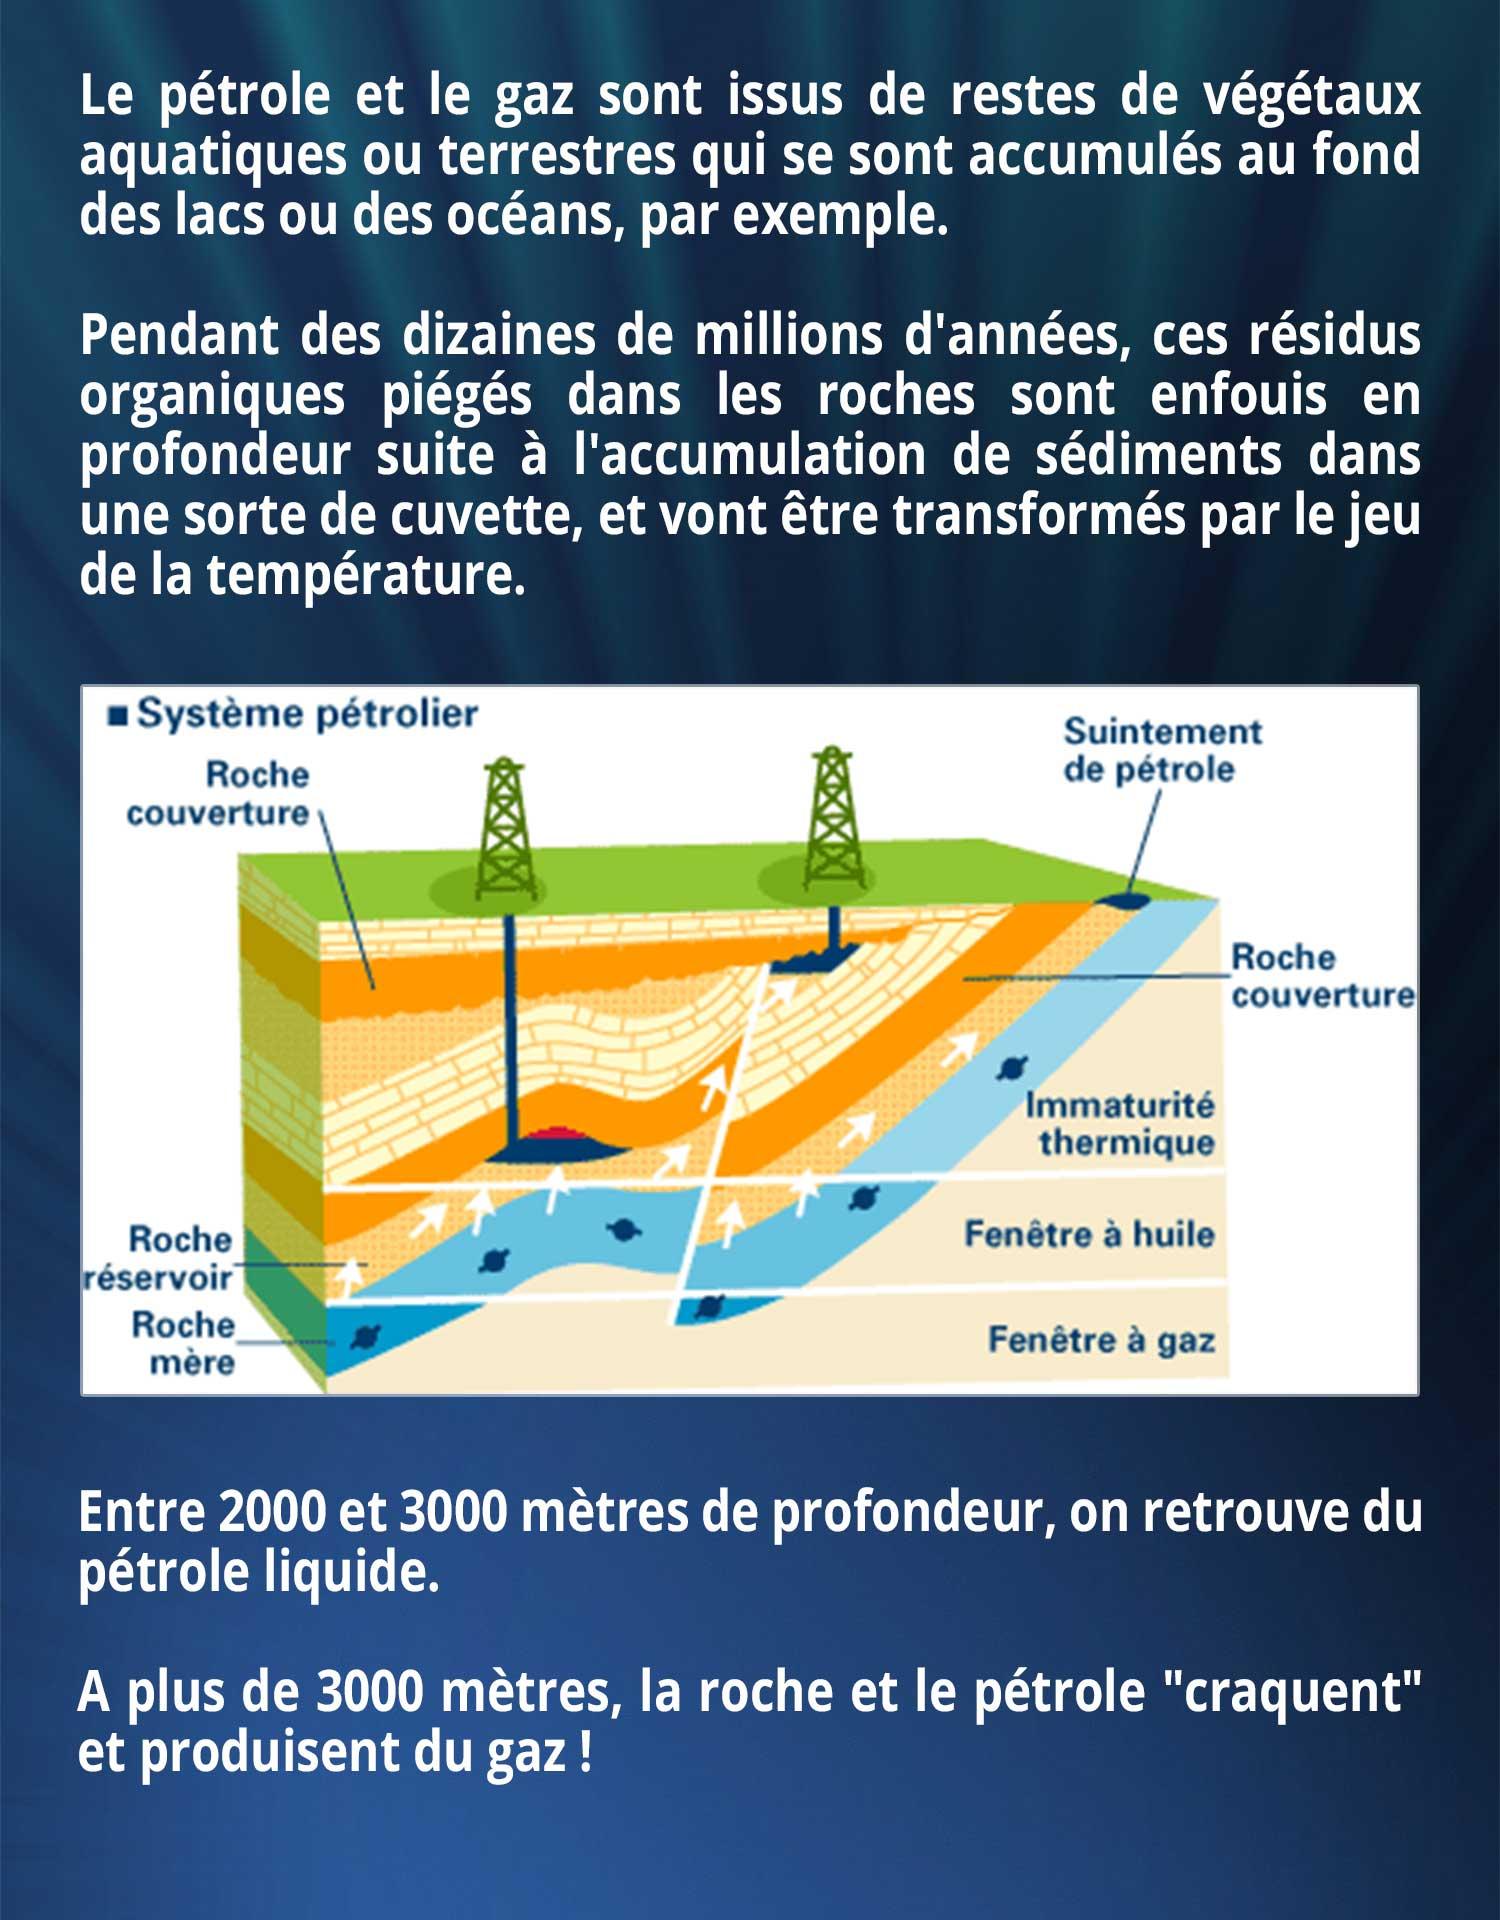 Le pétrole et le gaz sont issus de restes de végétaux aquatiques ou terrestres qui se sont accumulés au fond des lacs ou des océans, par exemple. Pendant des dizaines de millions d'années, ces résidus organiques piégés dans les roches sont enfouis en profondeur suite à l'accumulation de sédiments dans une sorte de cuvette, et vont être transformés par le jeu de la température. Entre 2000 et 3000 mètres de profondeur, on retrouve du pétrole liquide. A plus de 3000 mètres, la roche et le pétrole